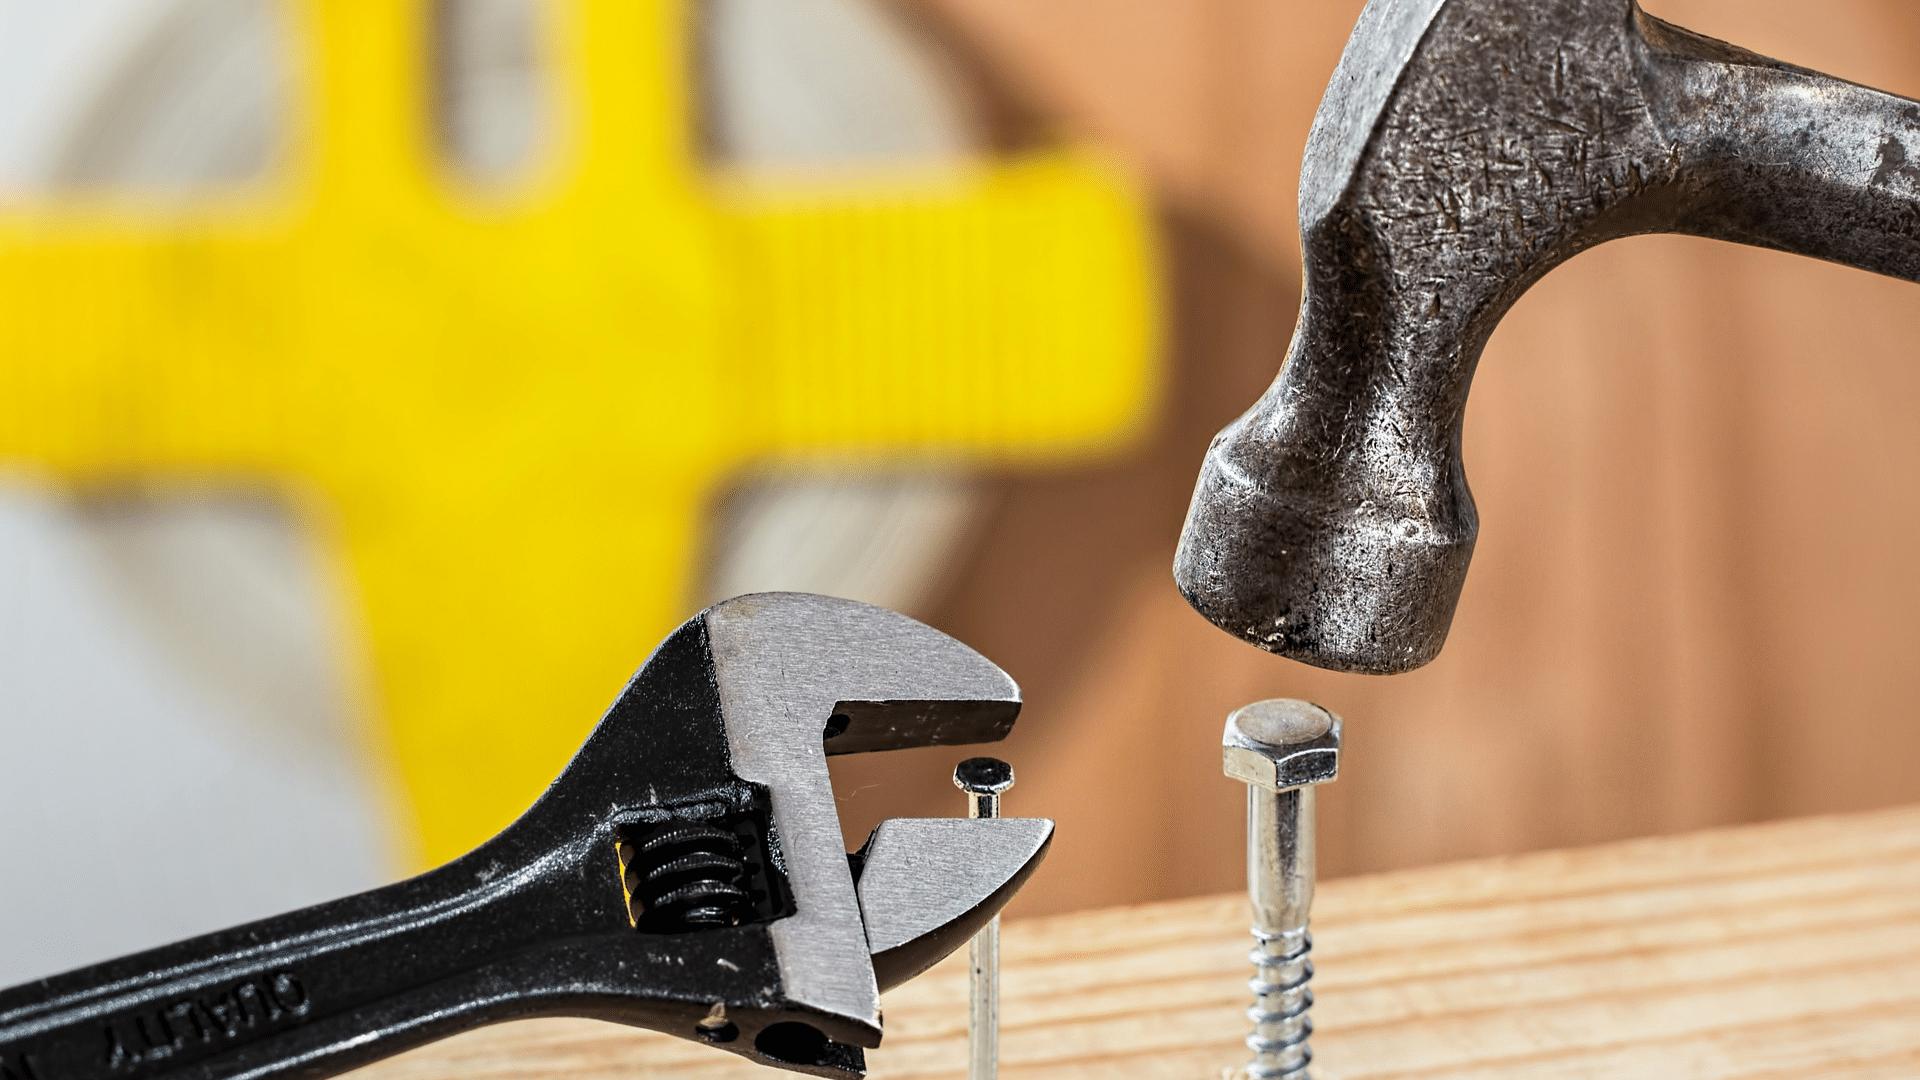 Die 10 typischen Fehler bei der Anwendung von Scrum